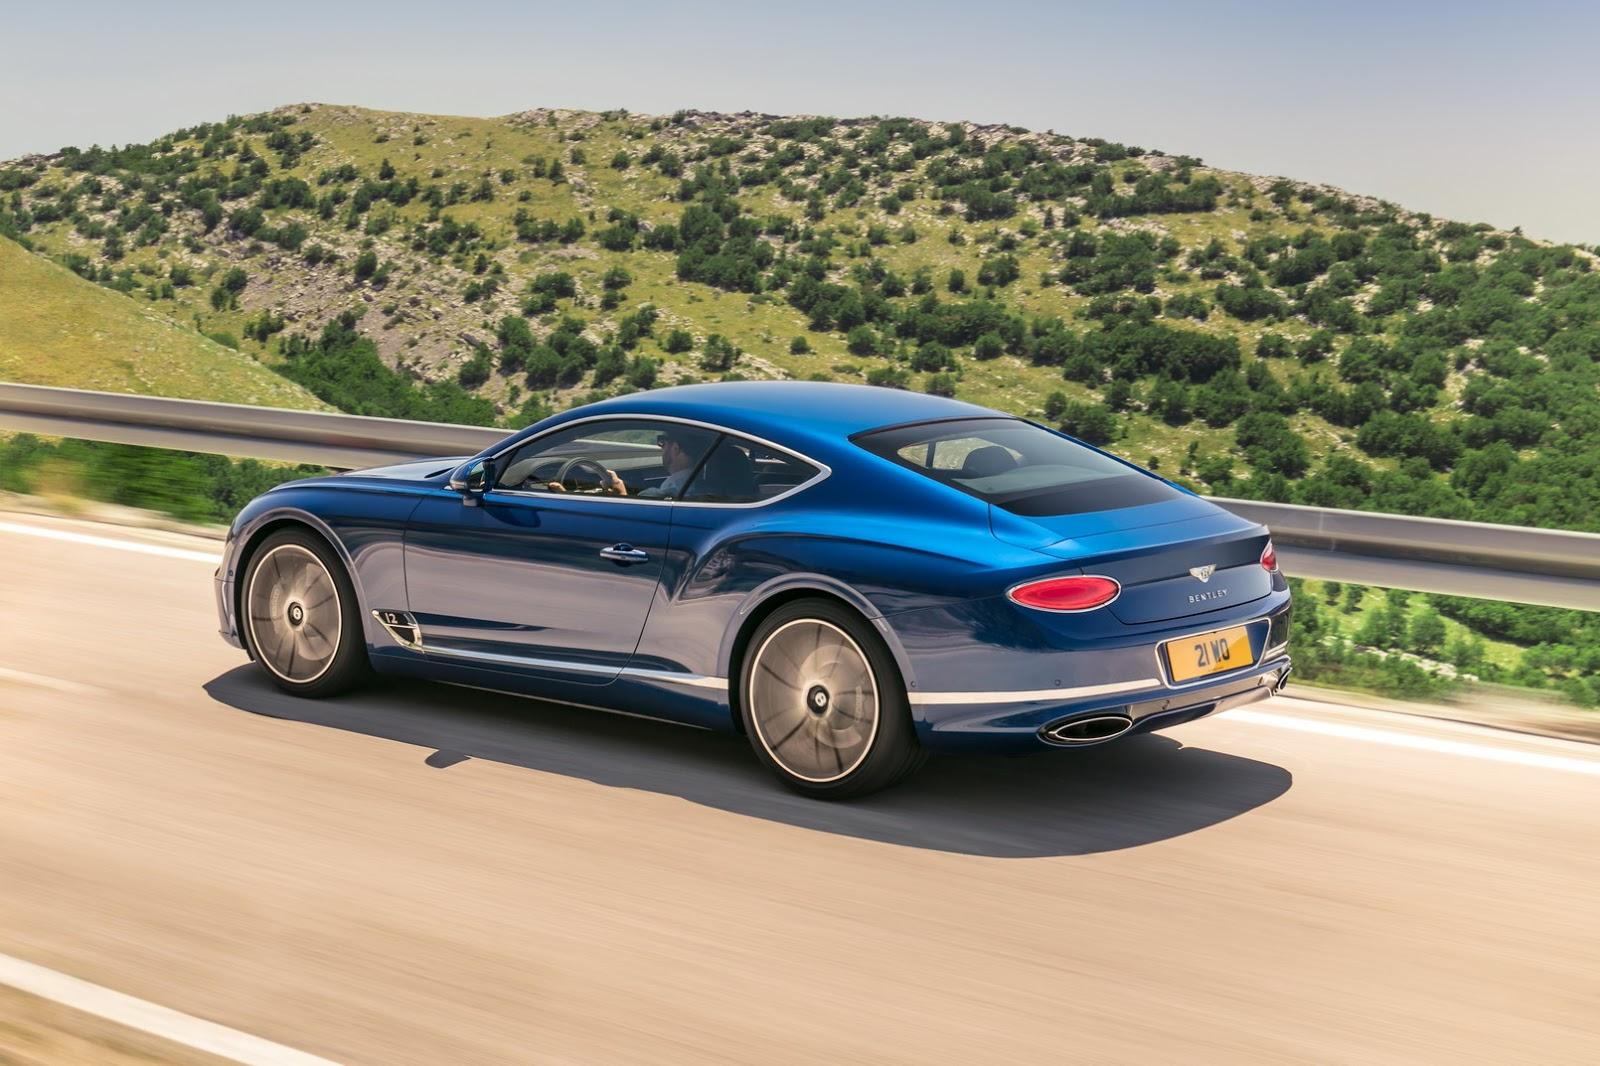 El Bentley Continental GT es el rey de los Gran Turismo